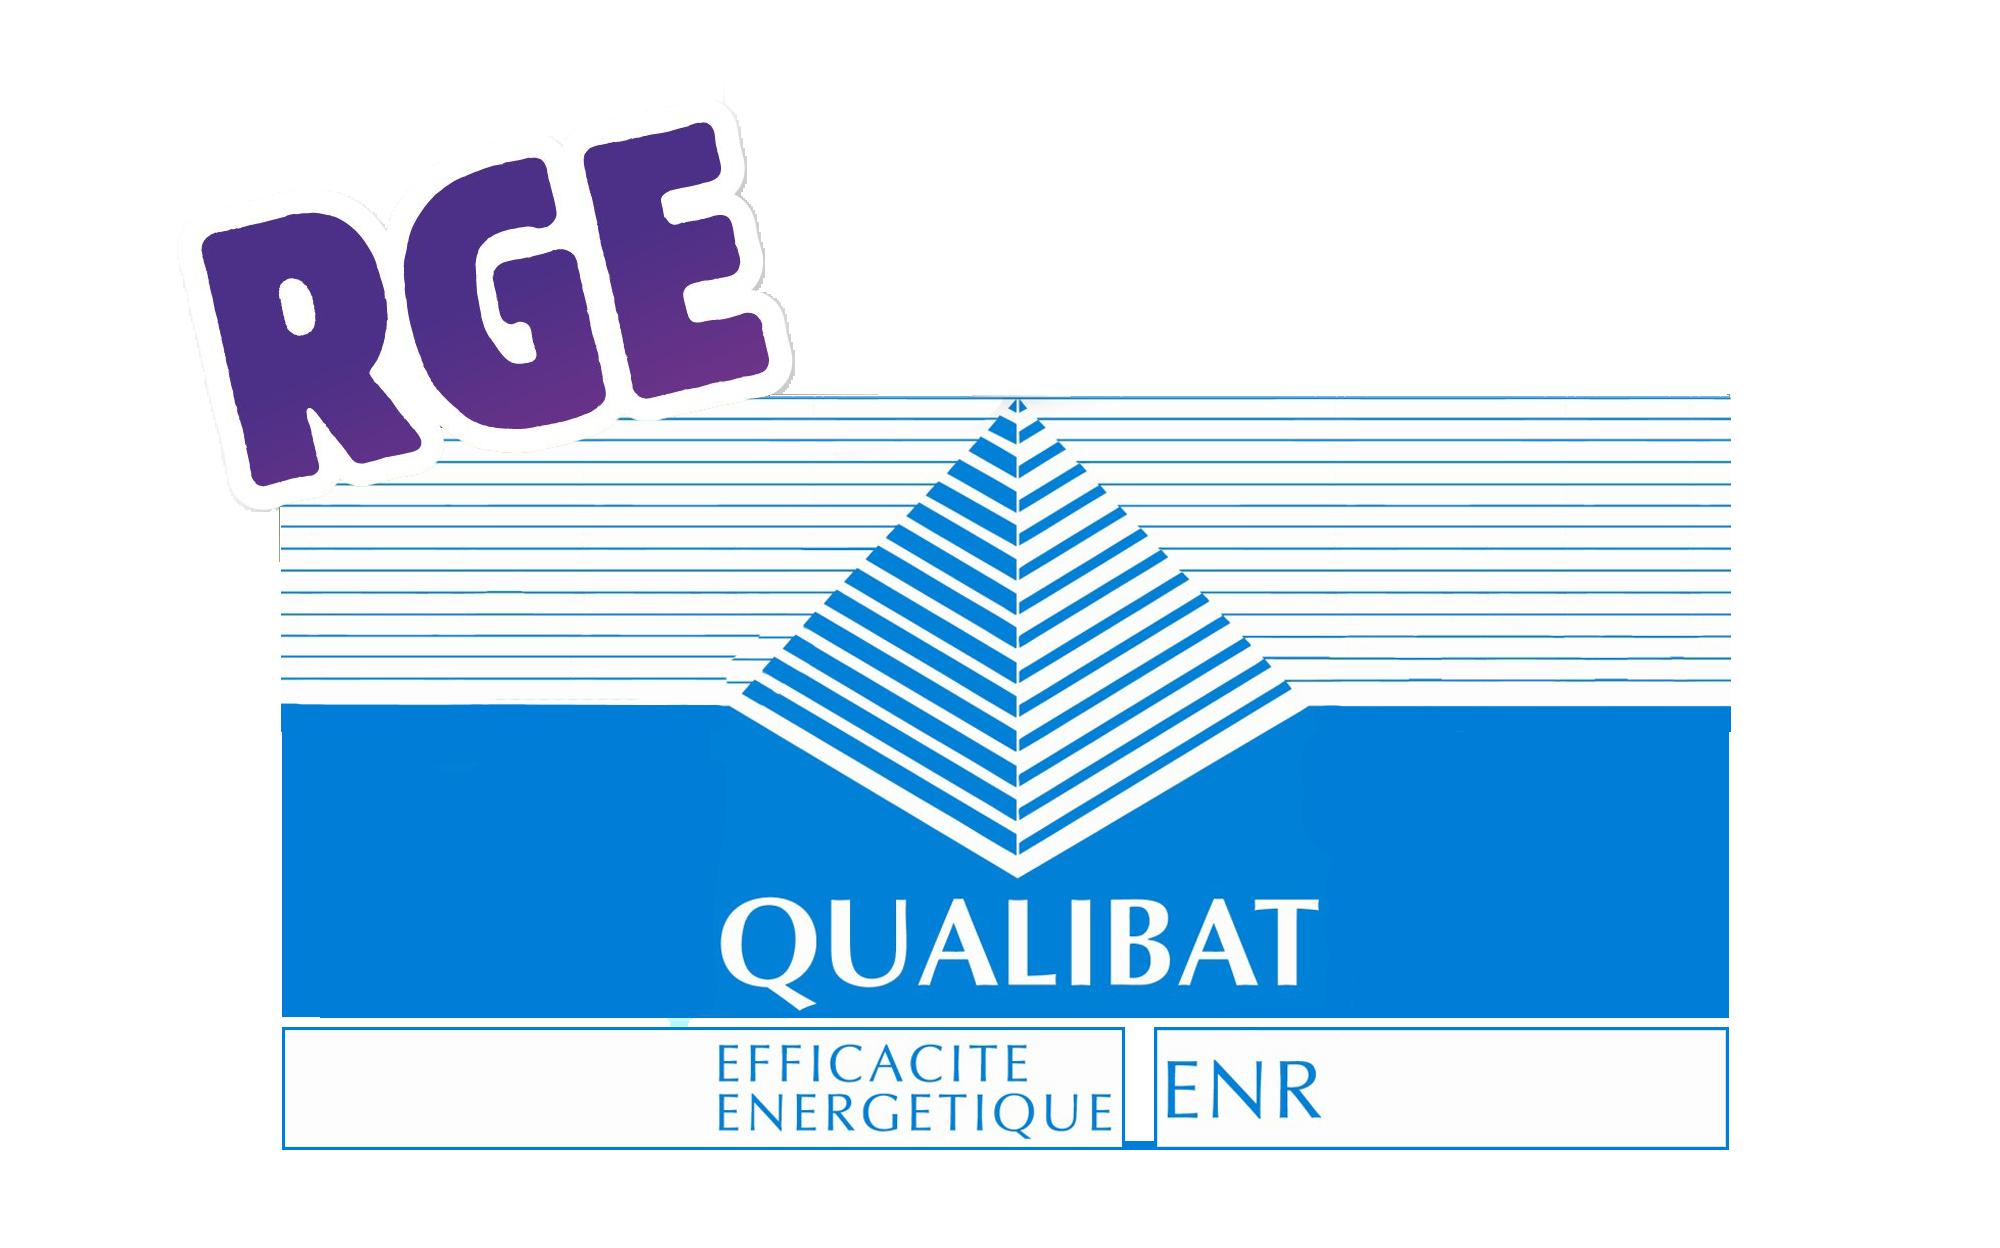 qualibat rge logo histoire et signification evolution